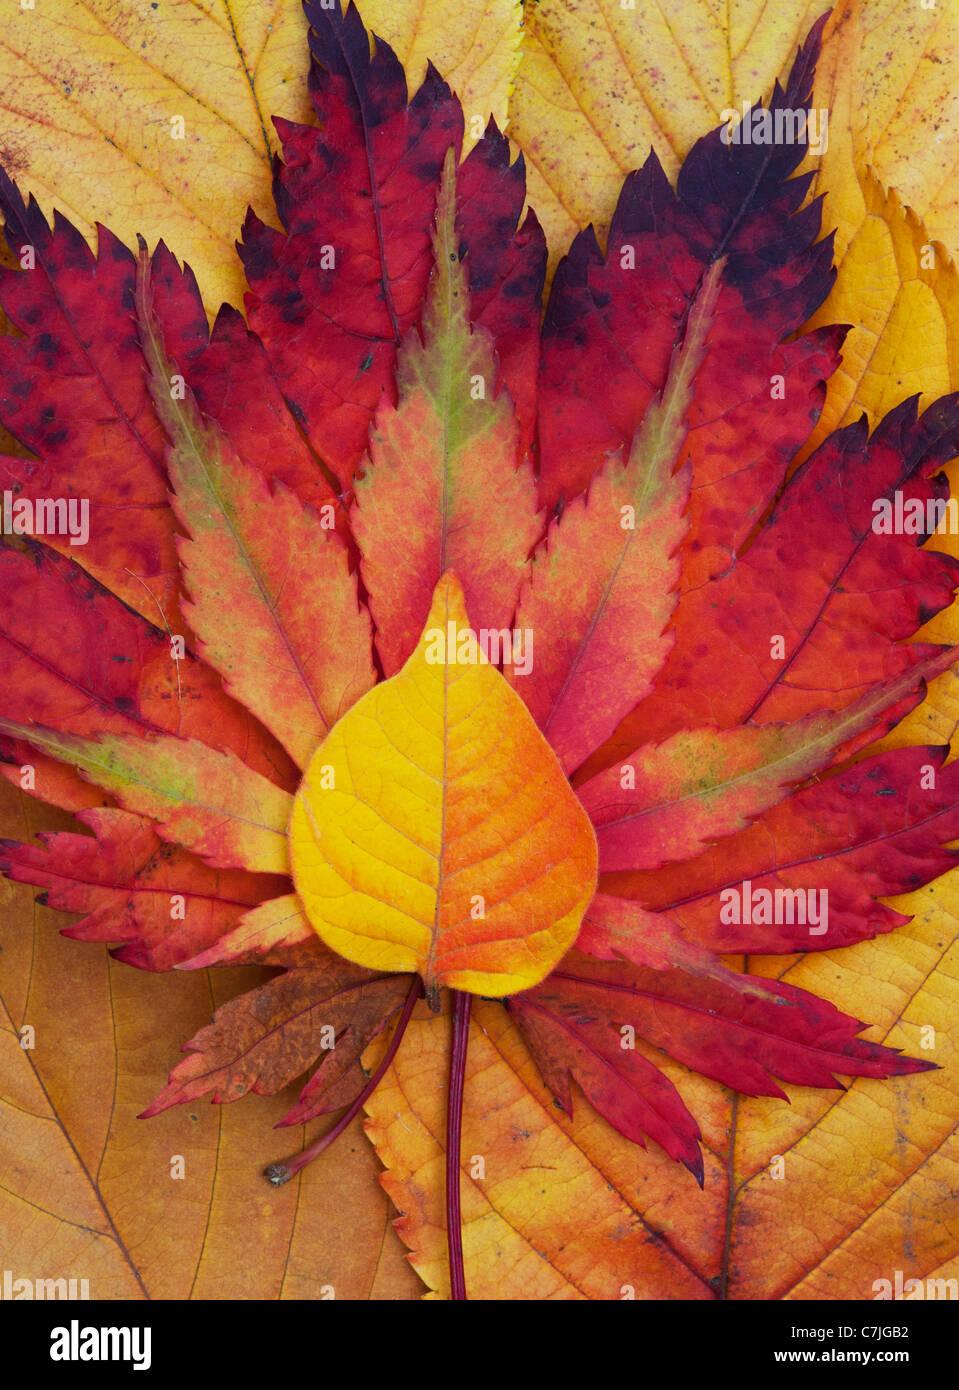 Motif de feuilles d'automne et d'Acer. L'érable japonais et divers autres feuilles changent de Photo Stock